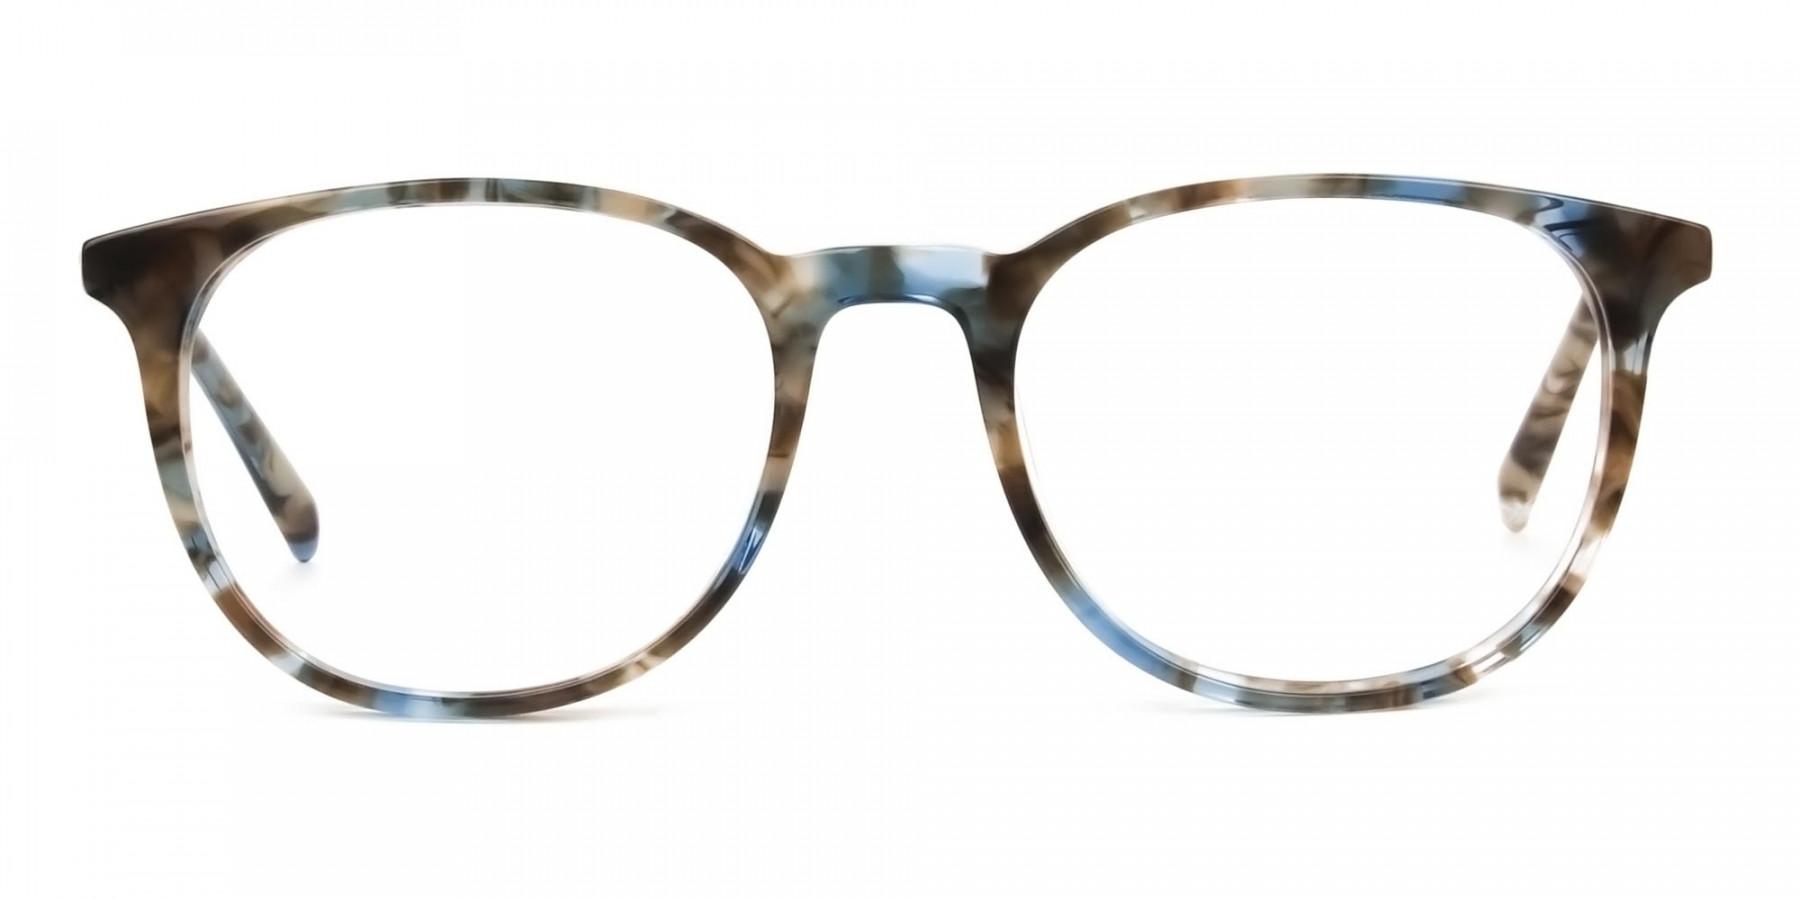 Tortoiseshell Brown and Blue Frame Glasses - 1